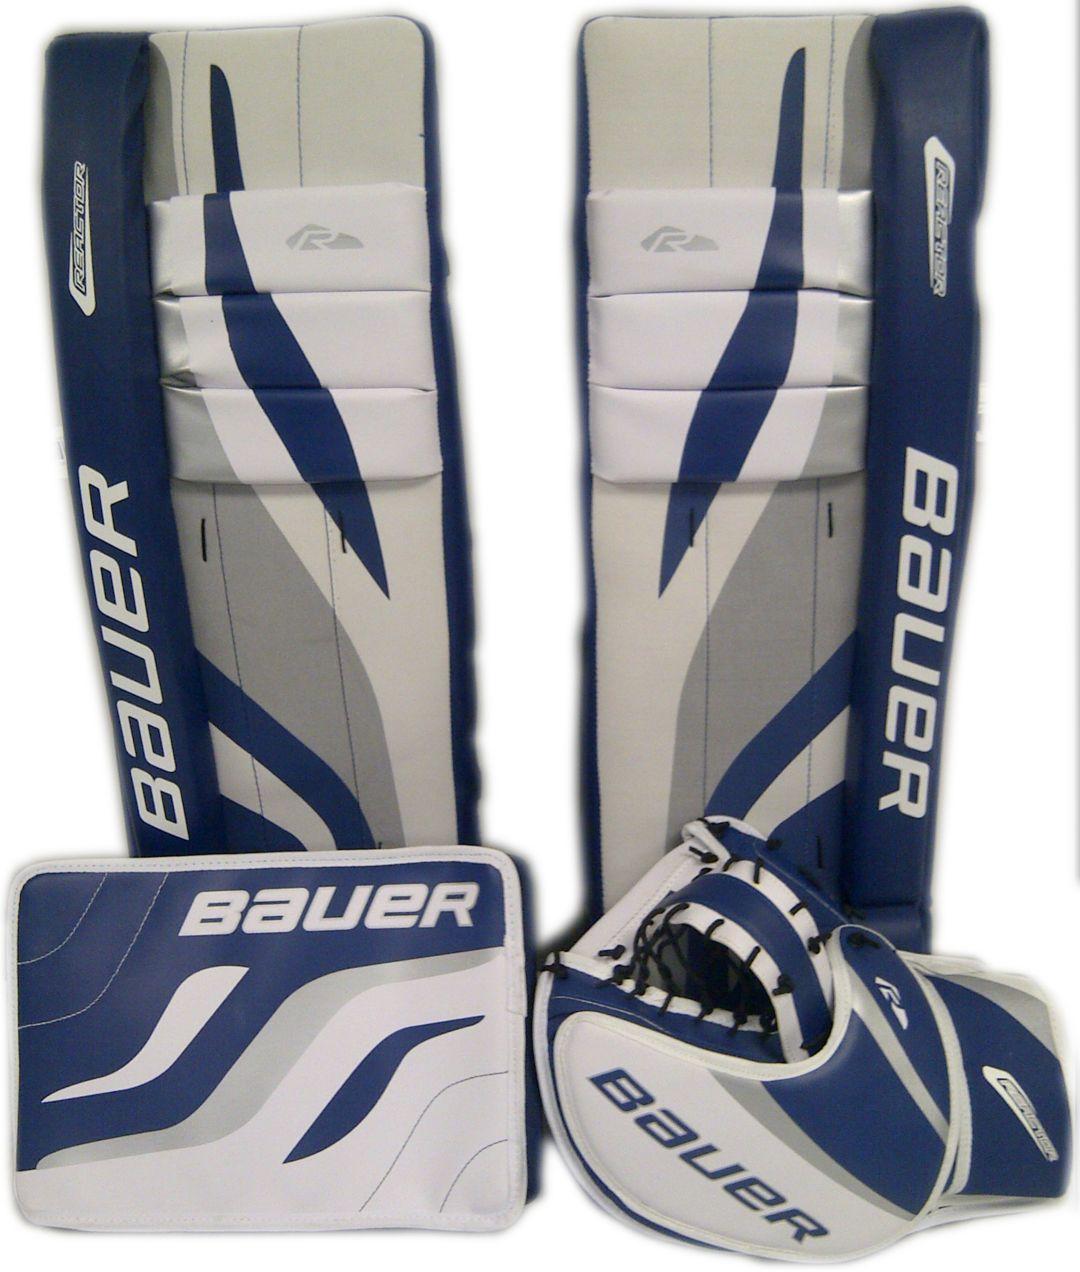 Bauer Reactor Street Hockey Goalie Kit 27 Dick S Sporting Goods